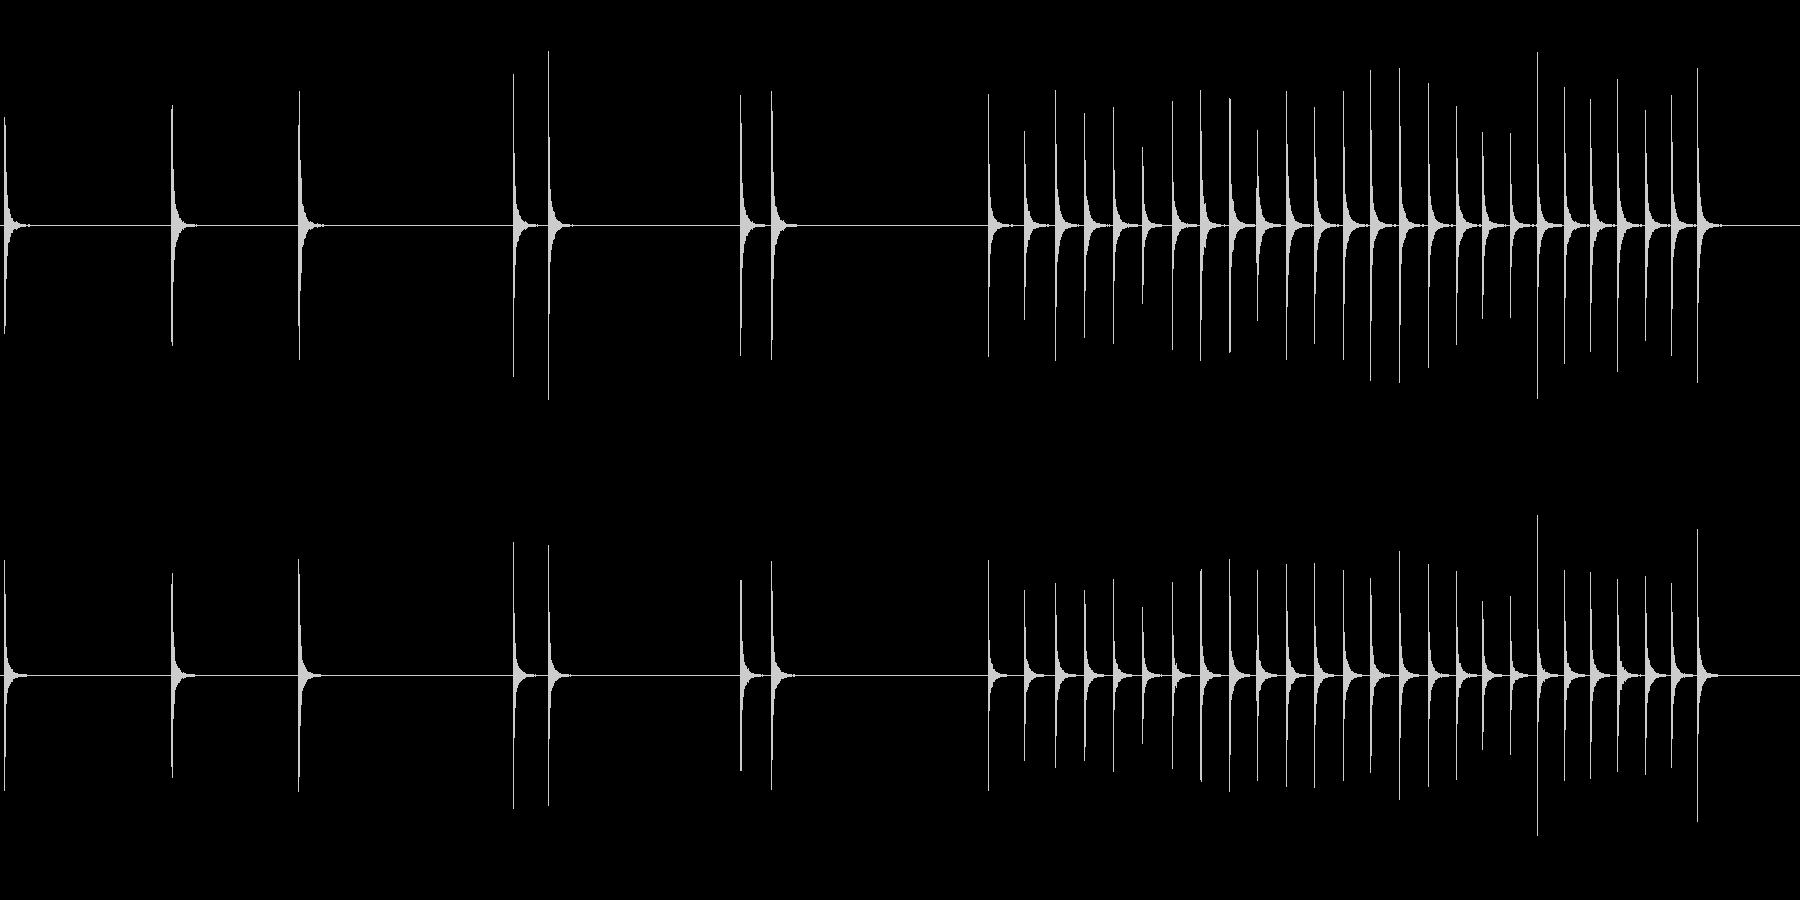 ハンマー、スモール、メタル、アンビ...の未再生の波形